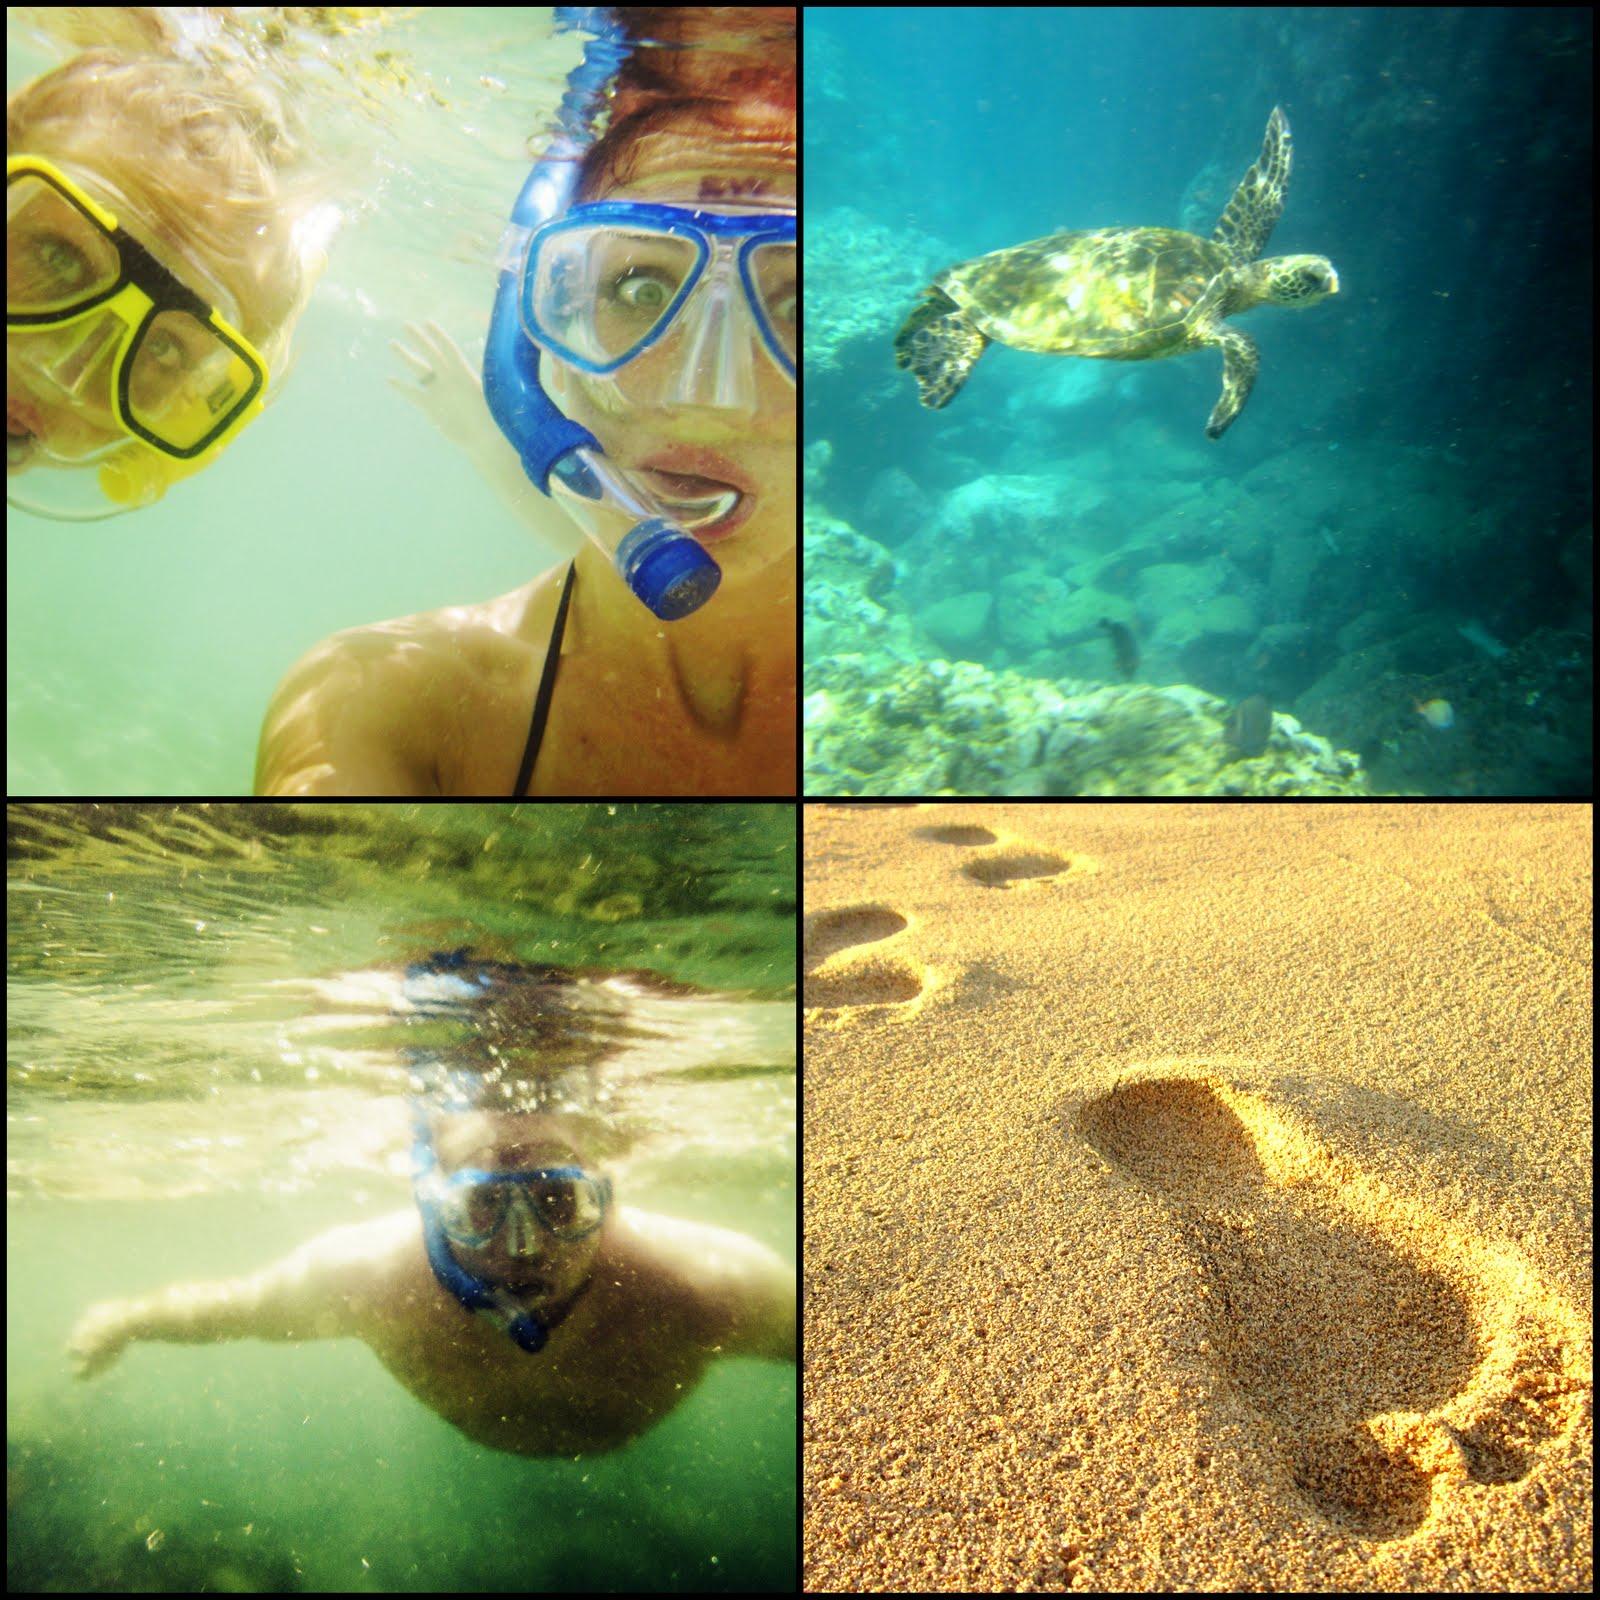 http://2.bp.blogspot.com/-aeFsissFafw/ThDObrtpc2I/AAAAAAAAA1M/0YciSo8XdUs/s1600/Hawaii5.jpg